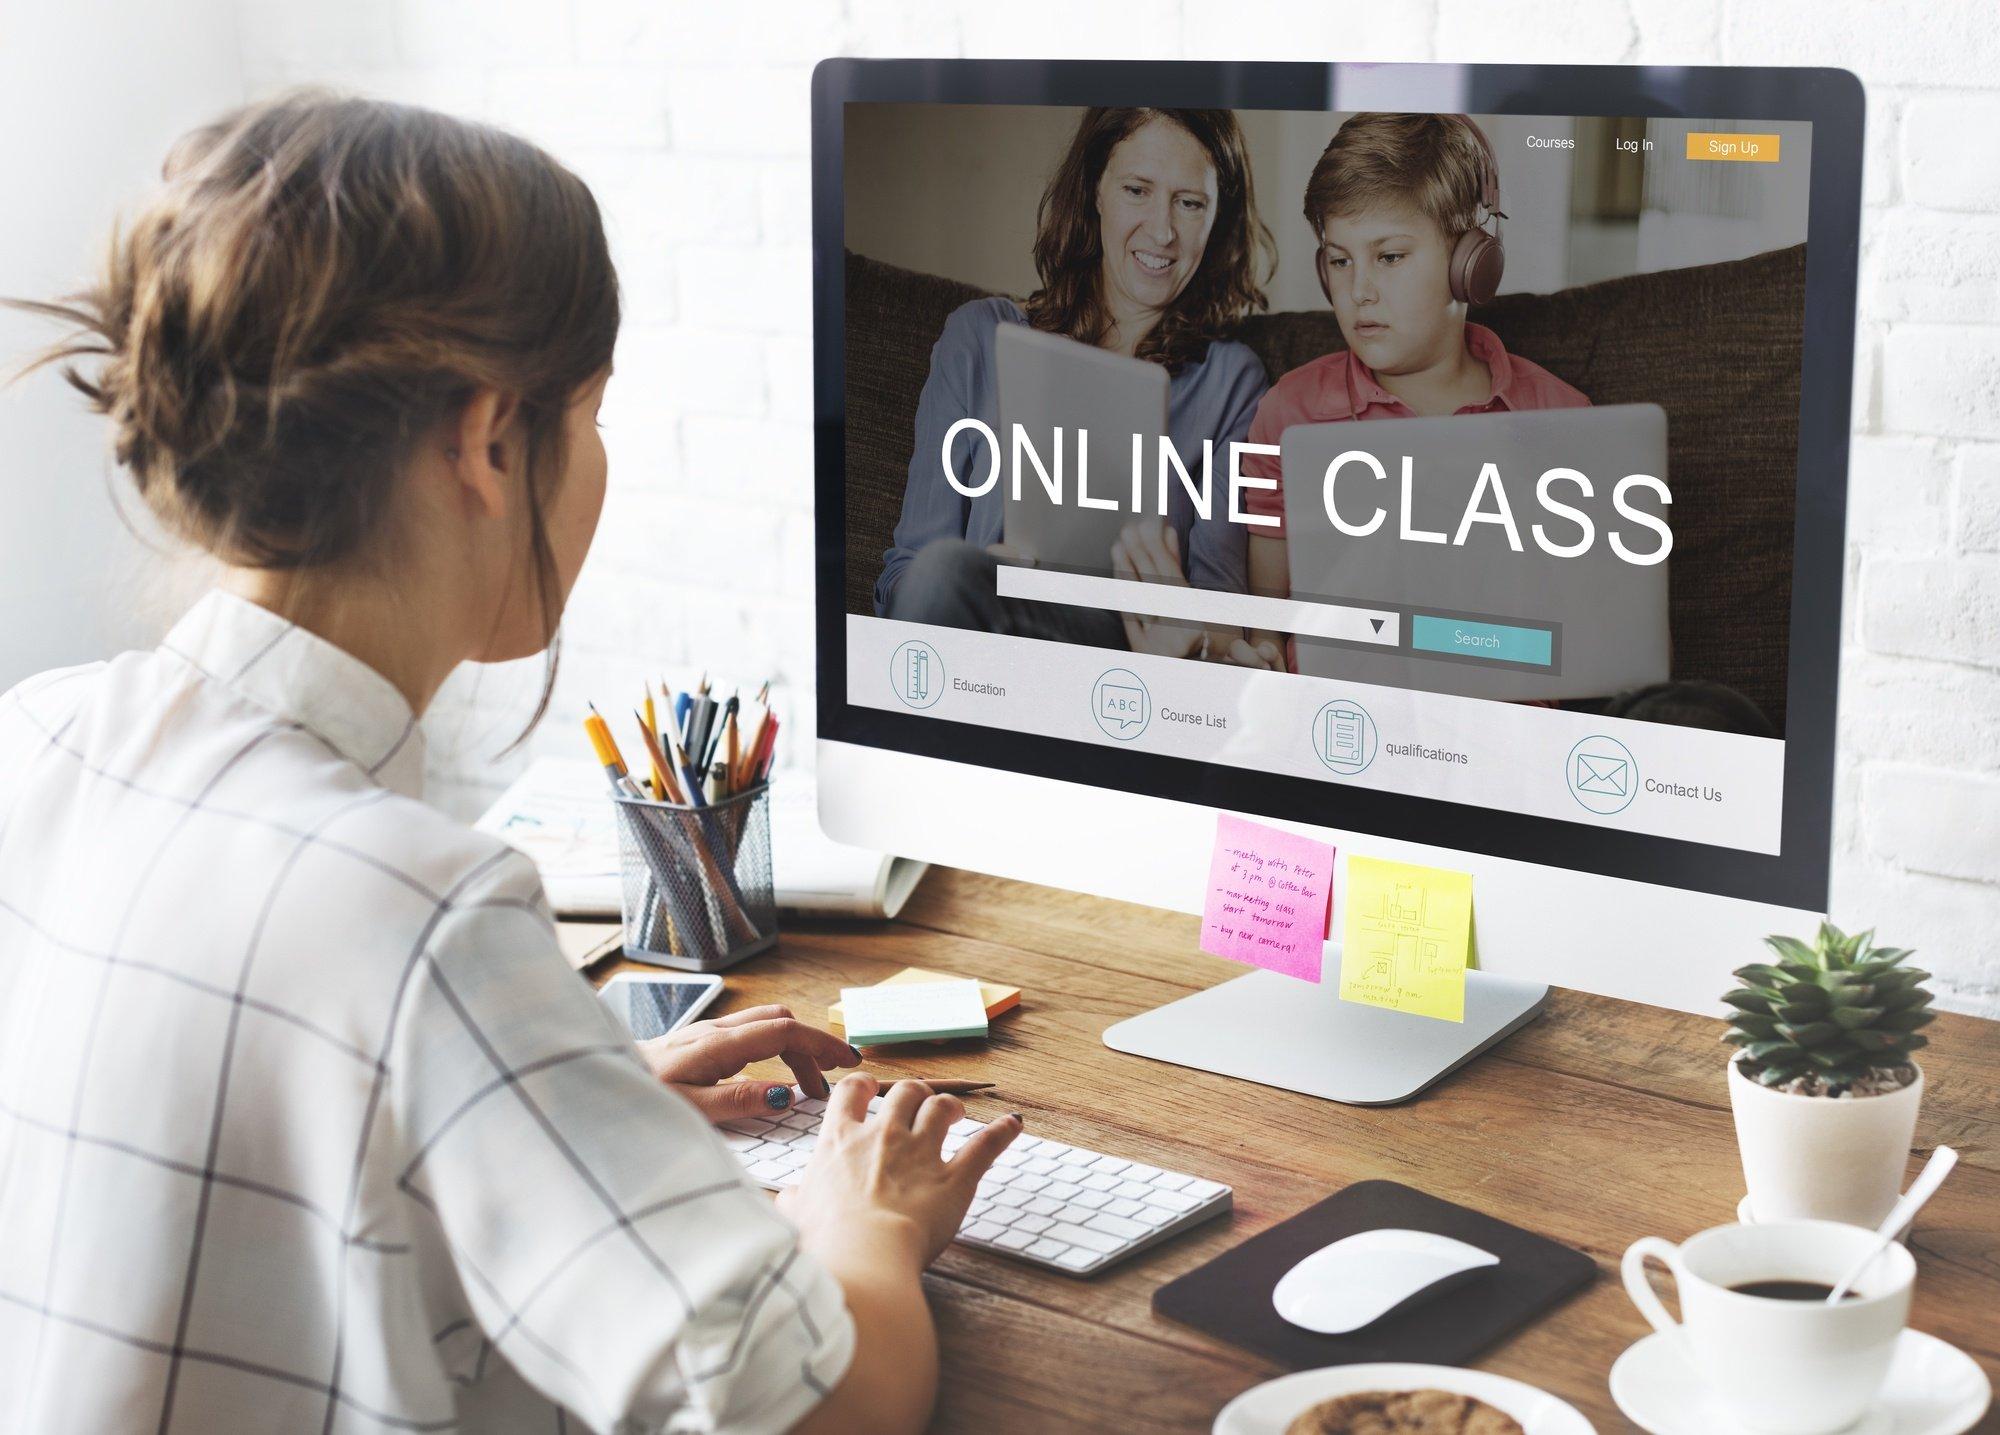 Academia Română: Educația on-line – suport pentru performanță